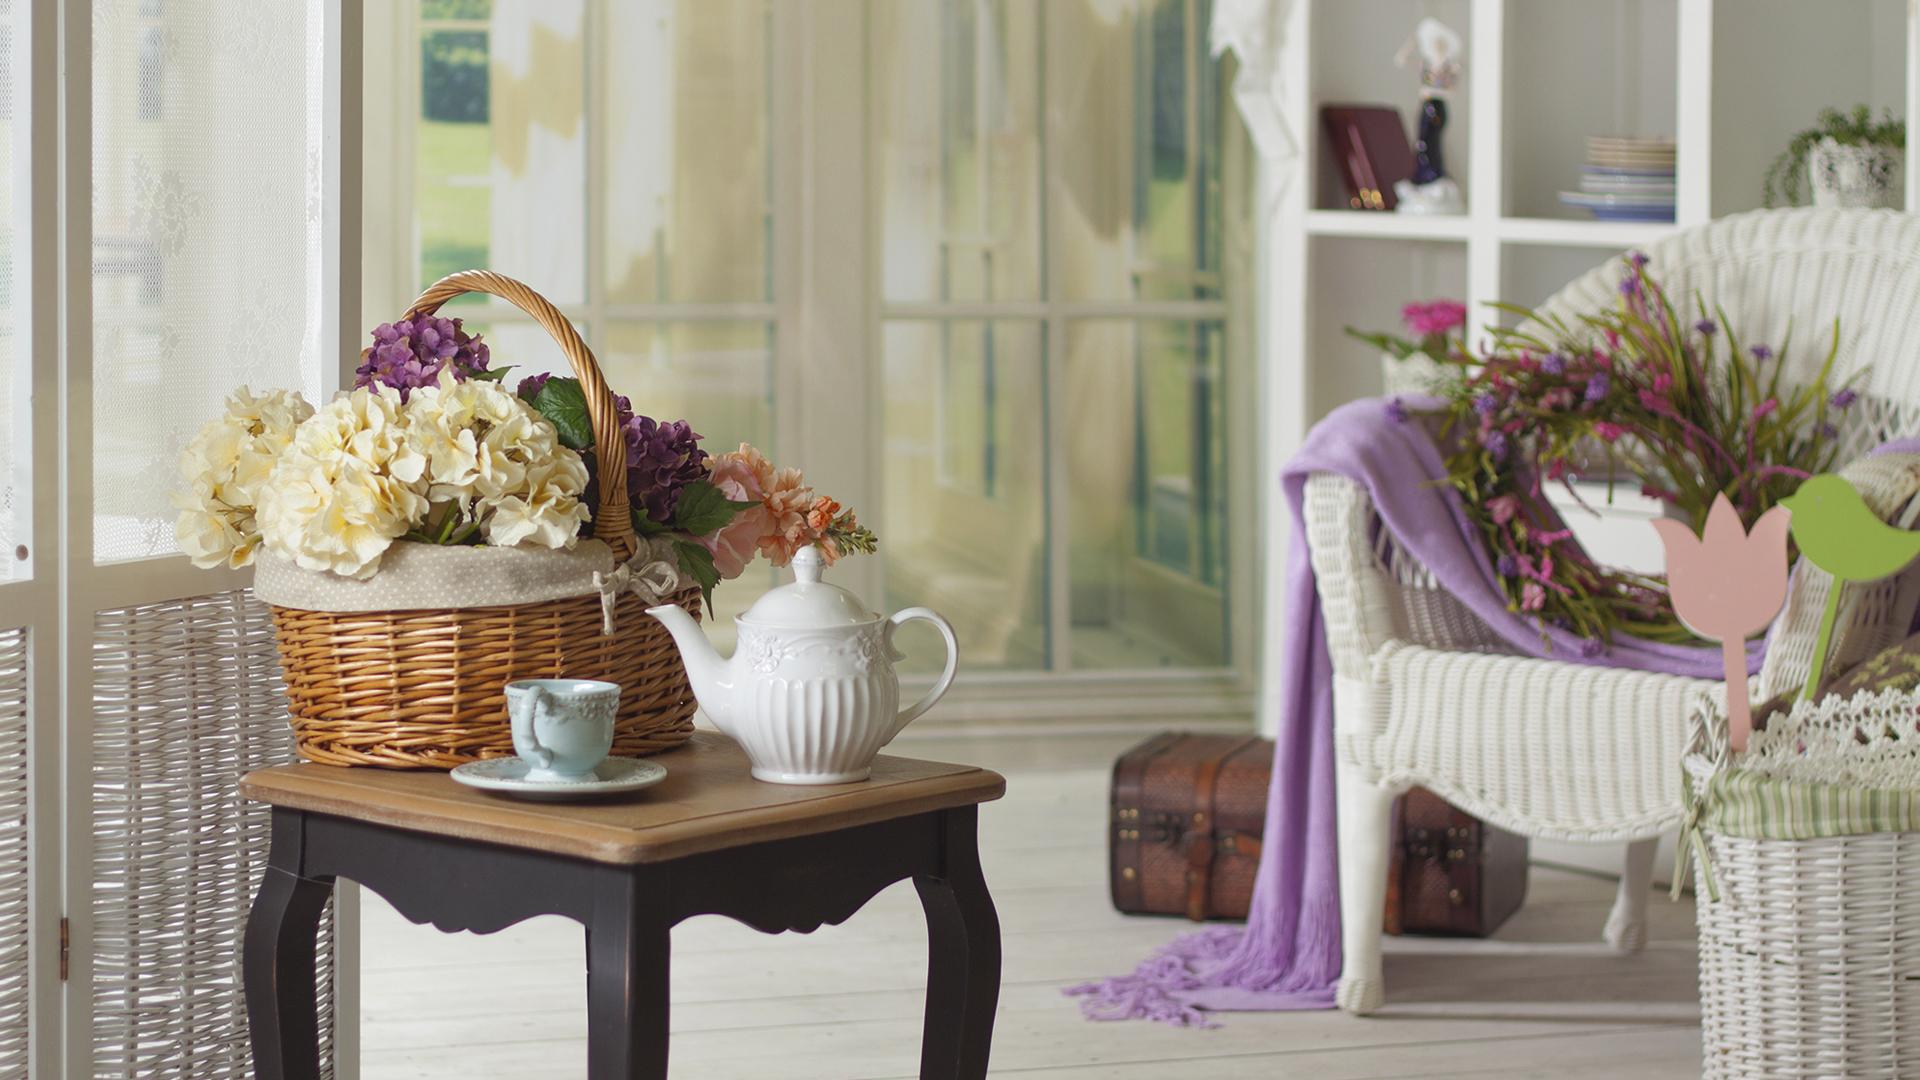 Декоративные элементы в стиле прованс